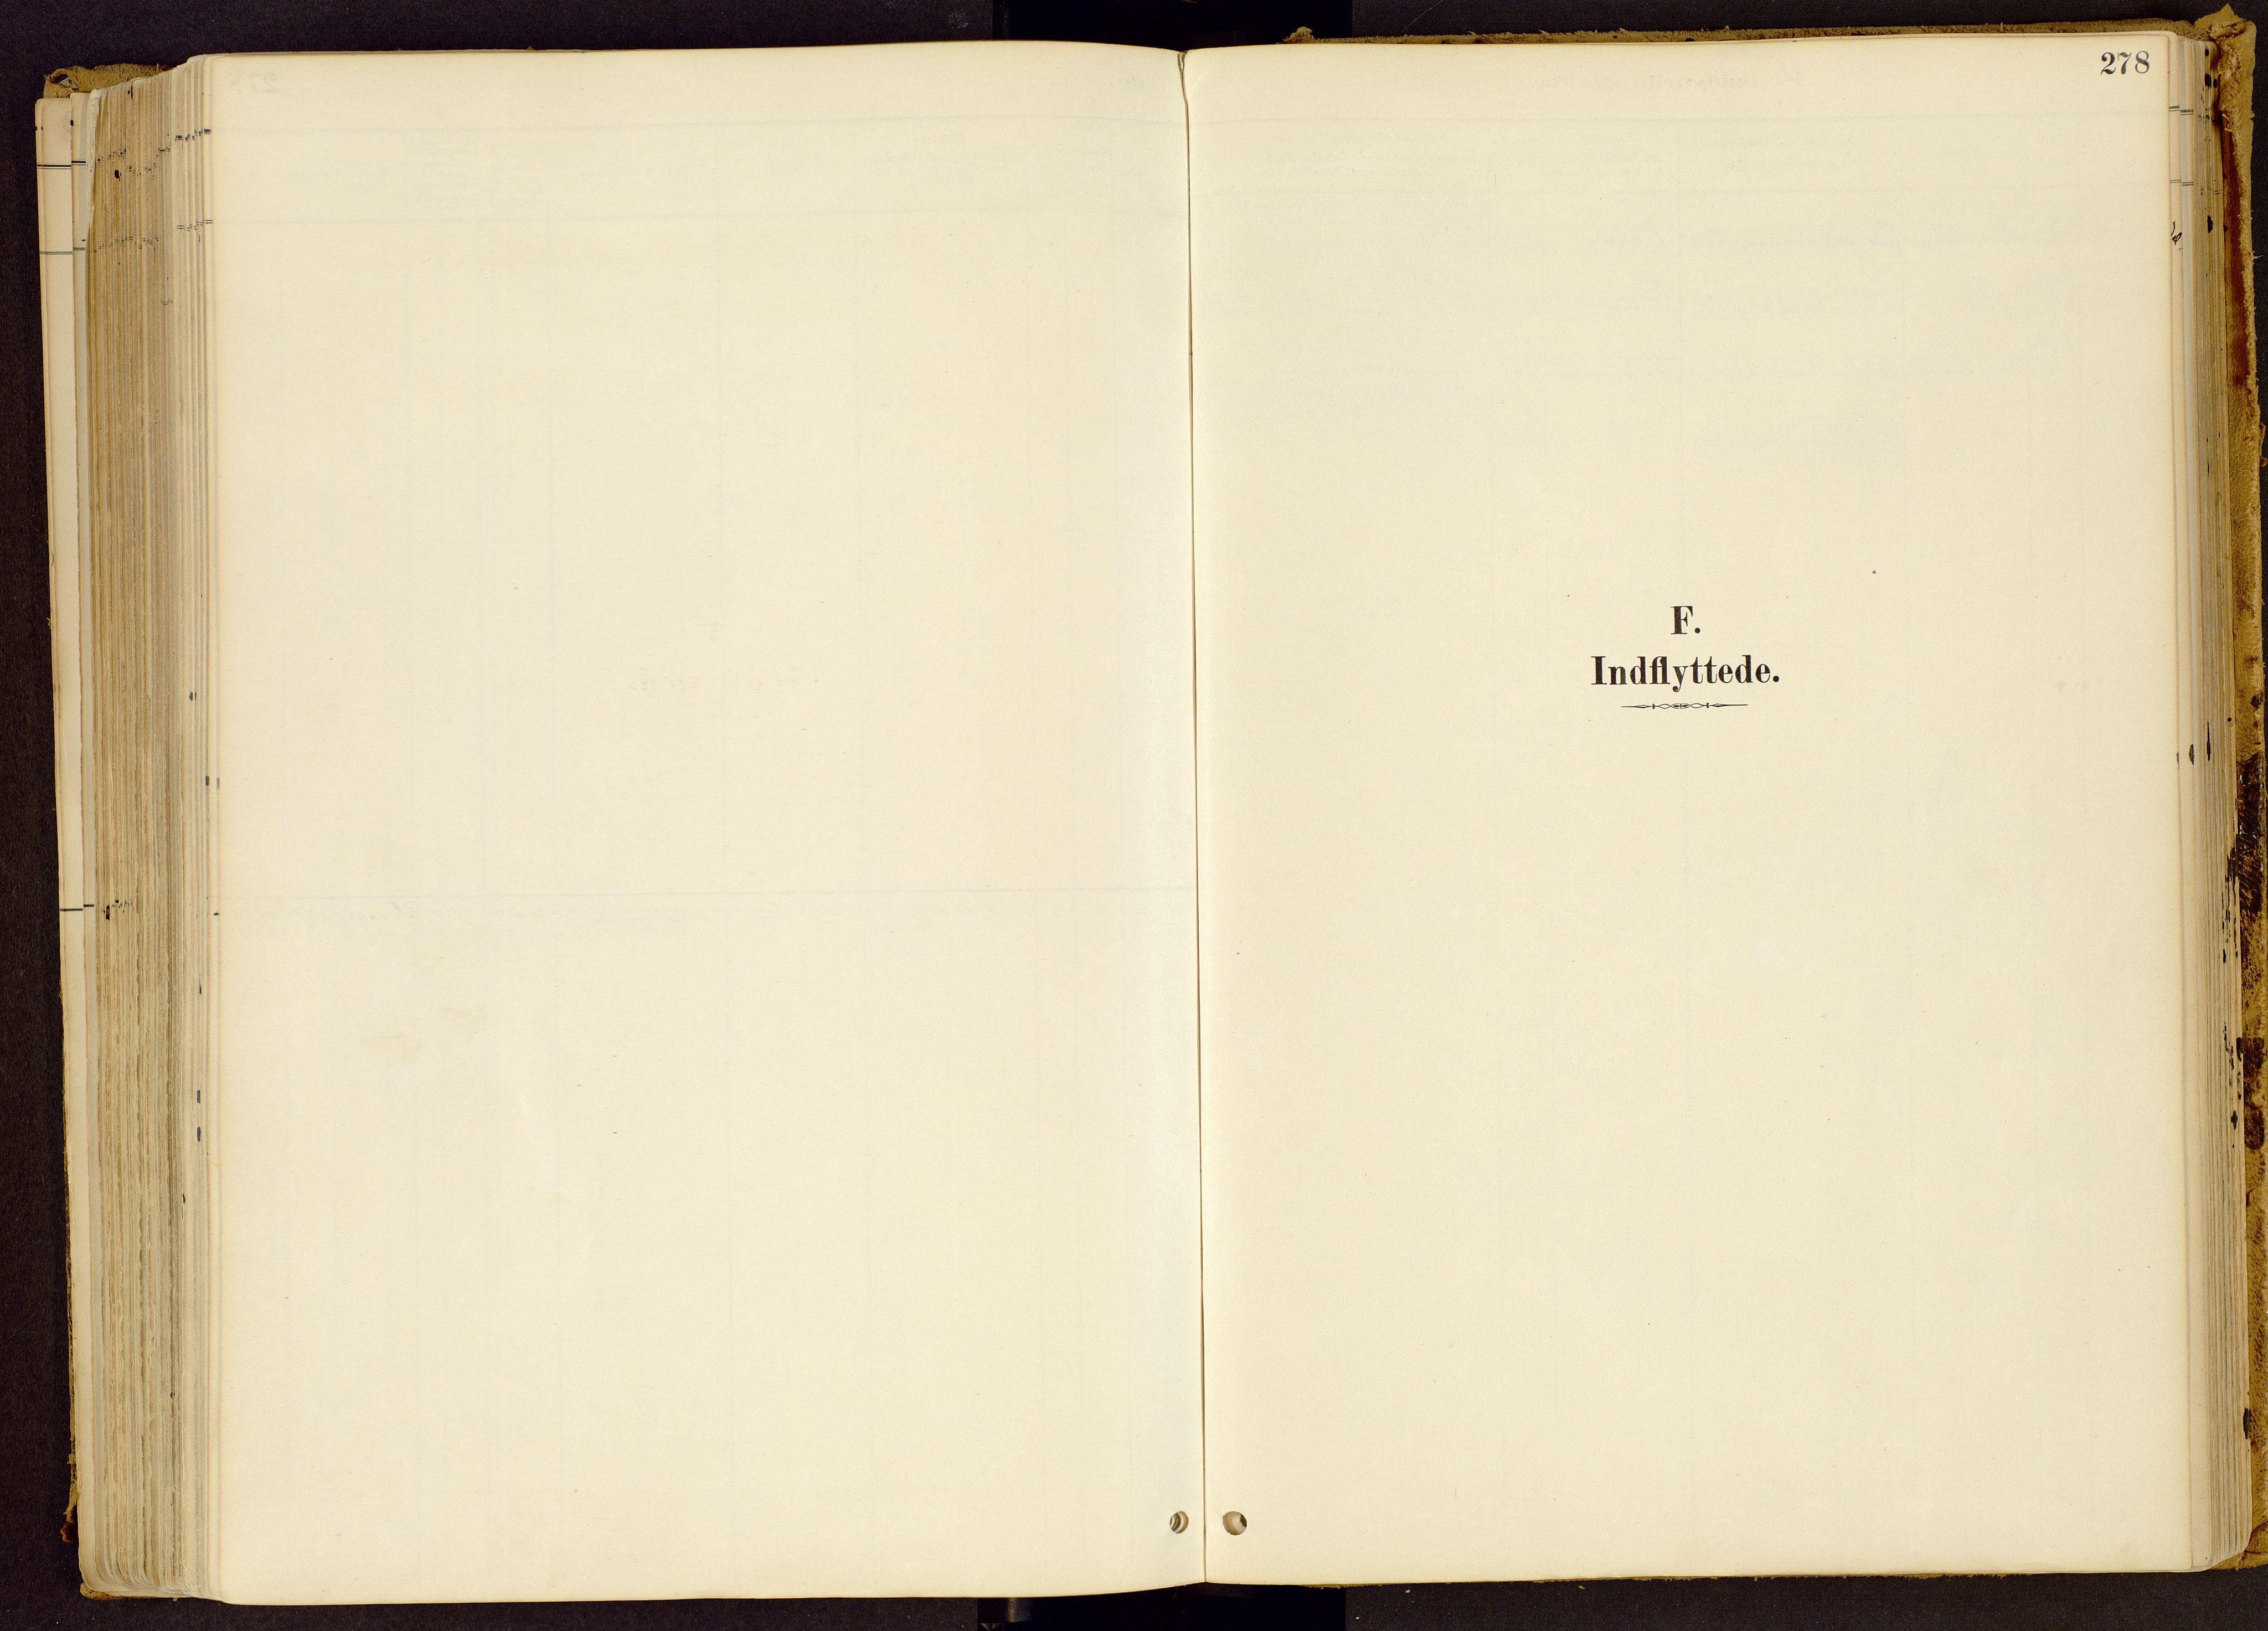 SAH, Vestre Gausdal prestekontor, Parish register (official) no. 1, 1887-1914, p. 278